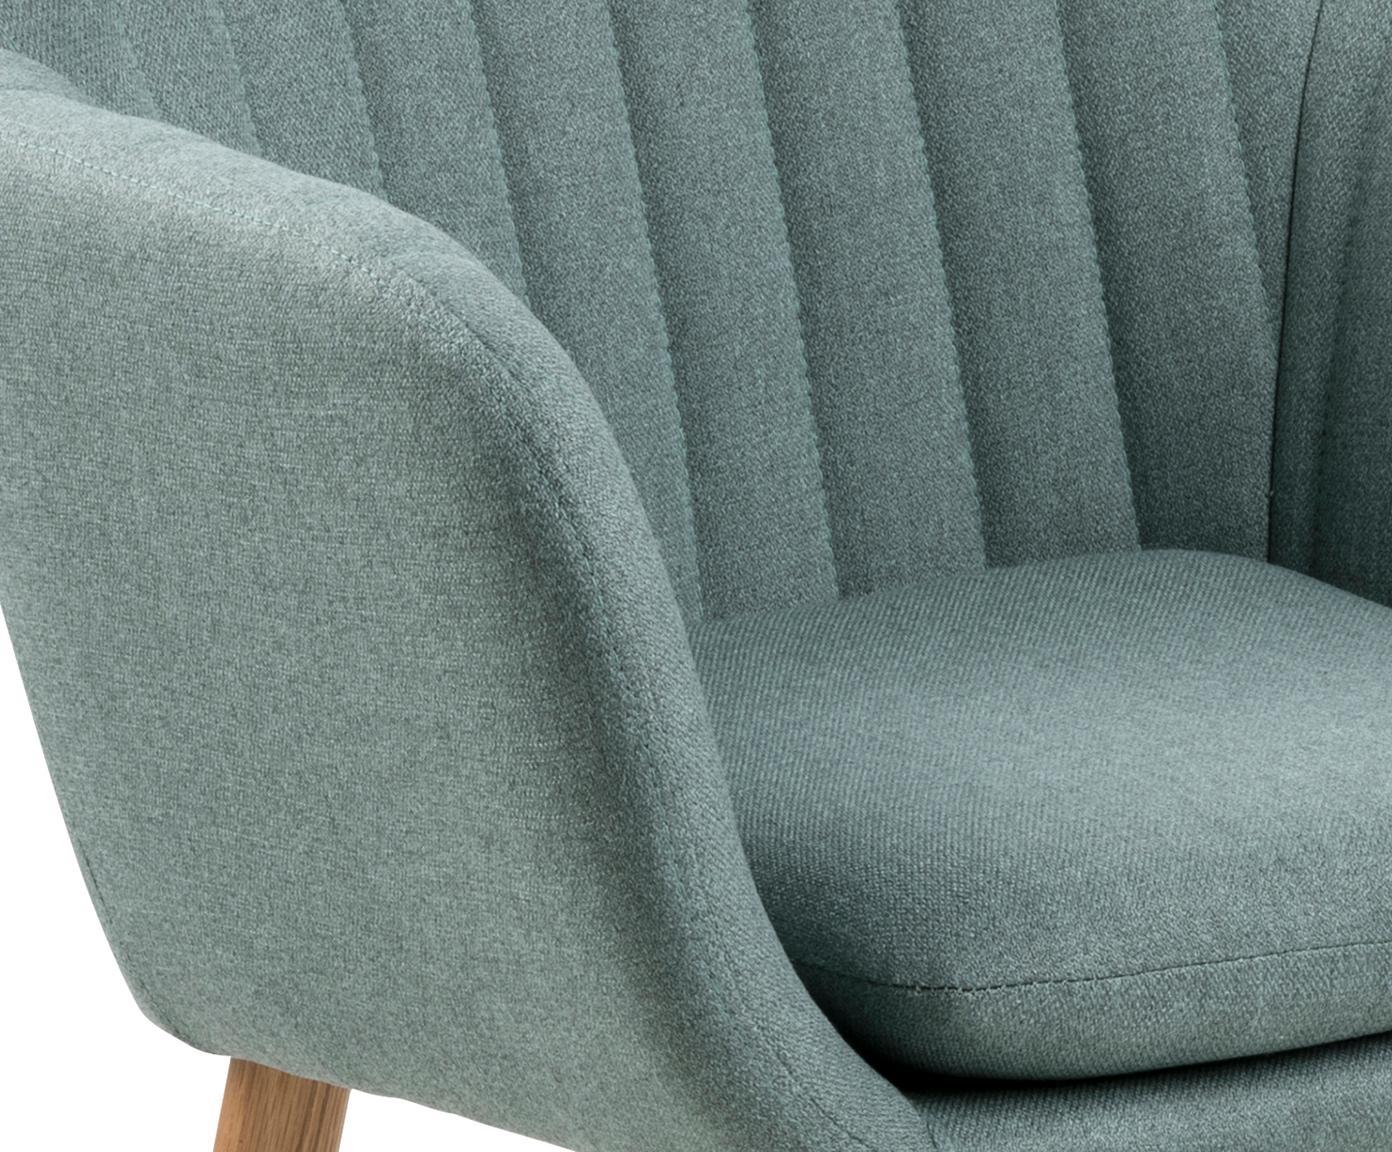 Krzesło z podłokietnikami Emilia, Tapicerka: poliester, Nogi: drewno dębowe, olejowane , Oliwkowy zielony, S 57 x G 59 cm